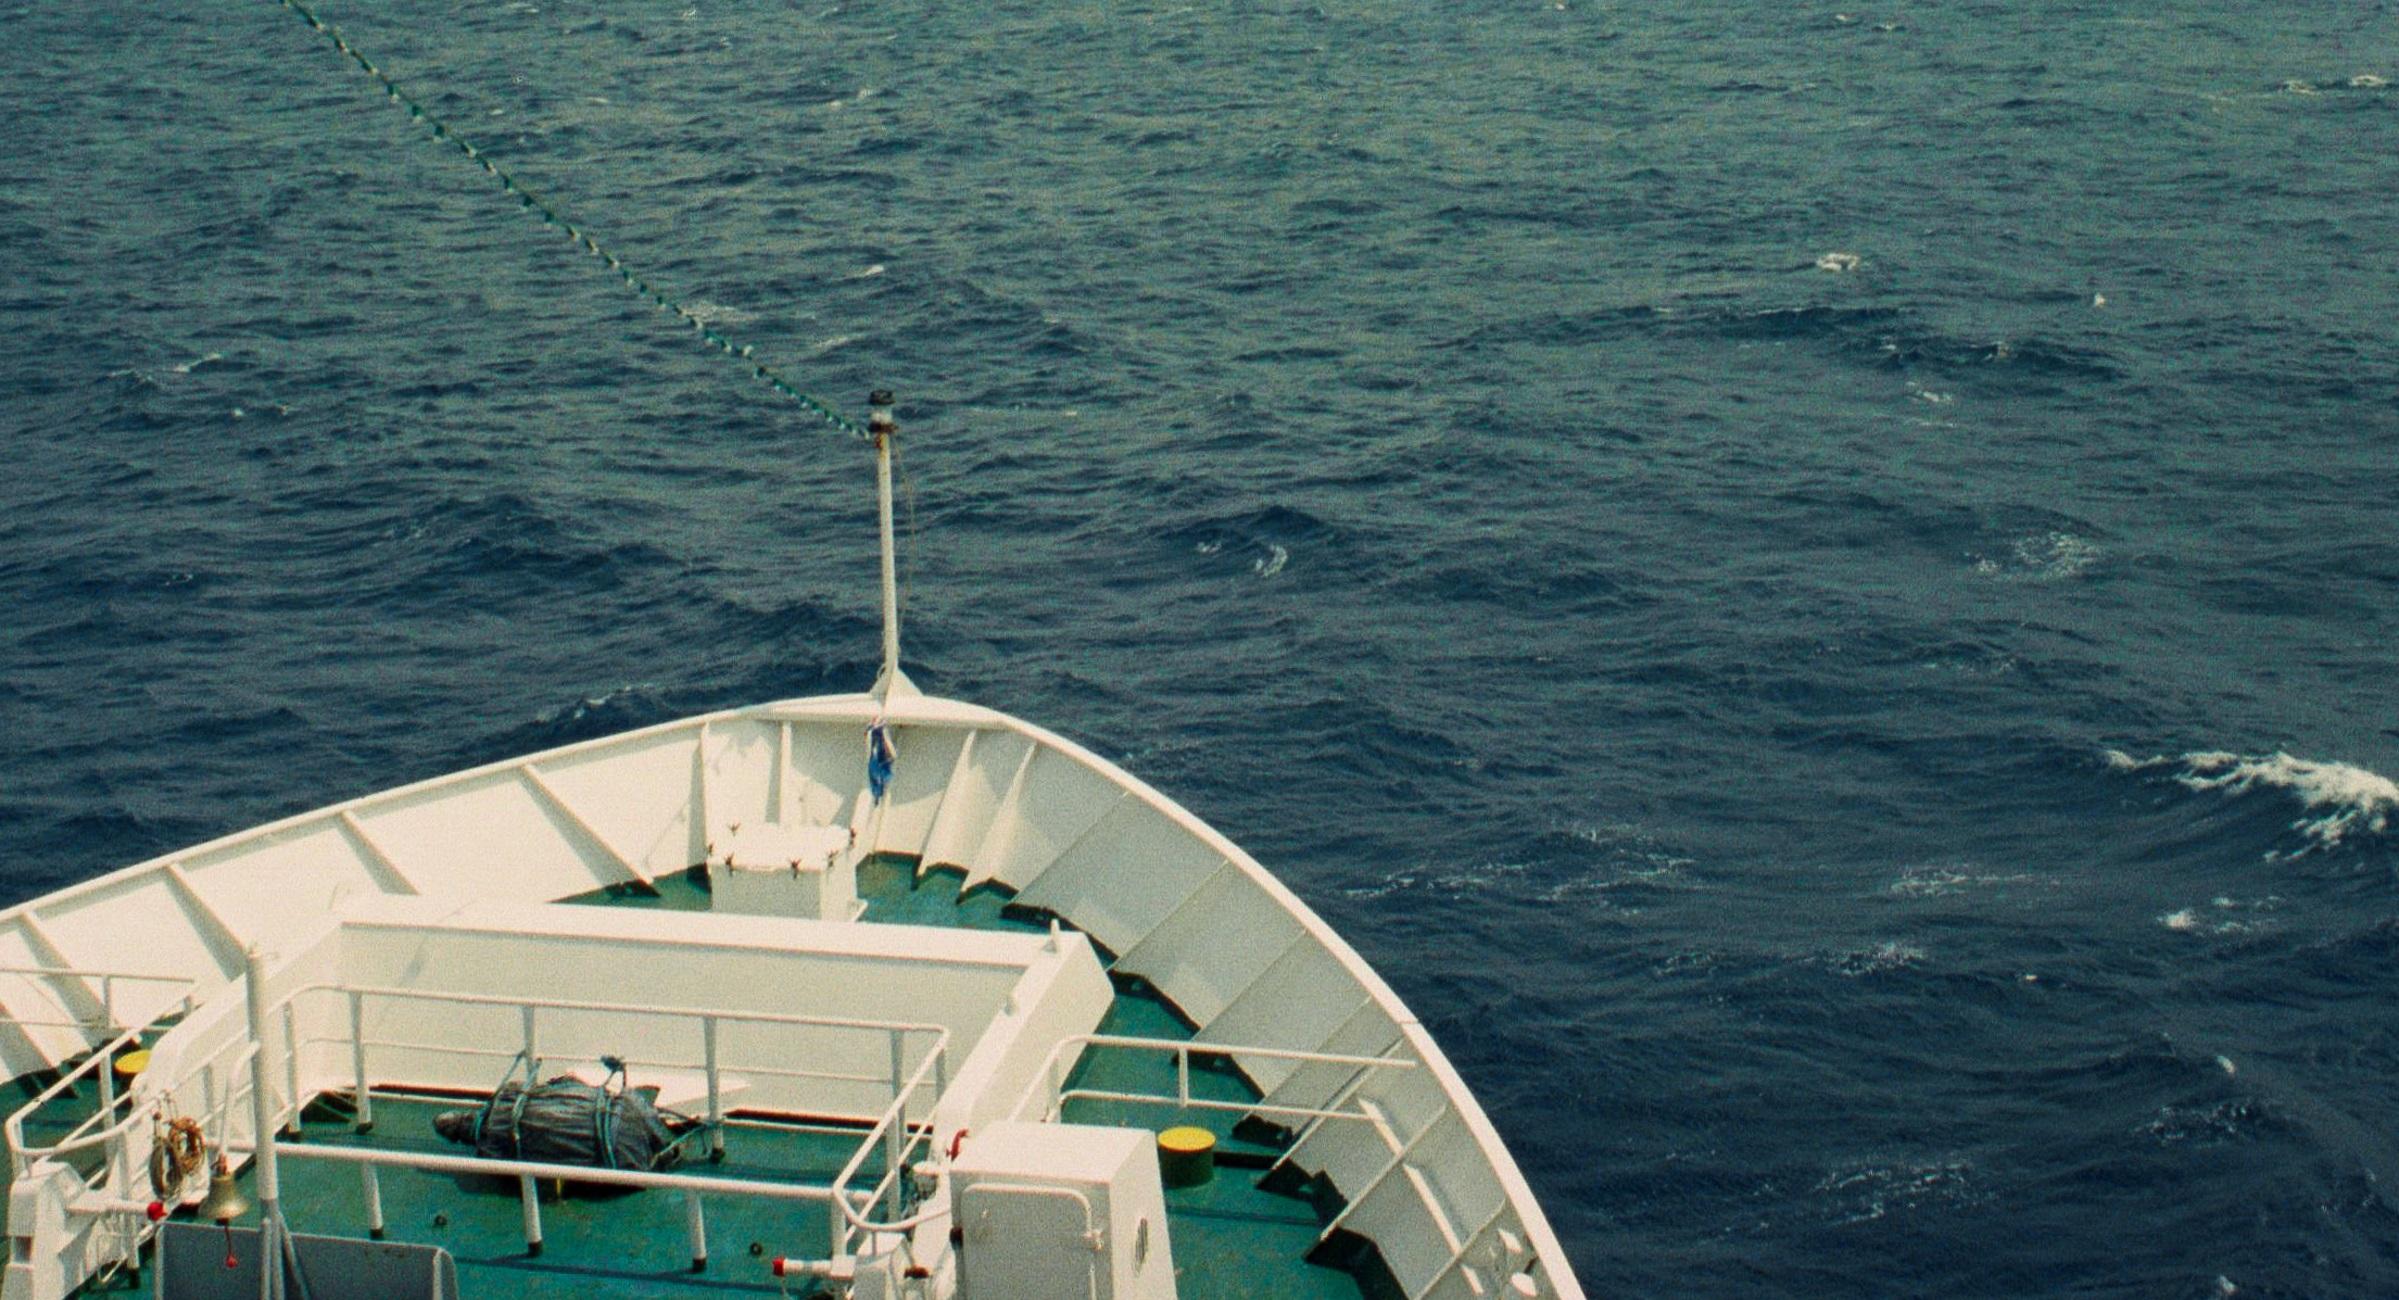 """Ανάσα για τα νησιά της ακριτικής γραμμής του Αιγαίου! """"Εγκρίθηκαν 18 νέοι απομακρυσμένοι προορισμοί"""